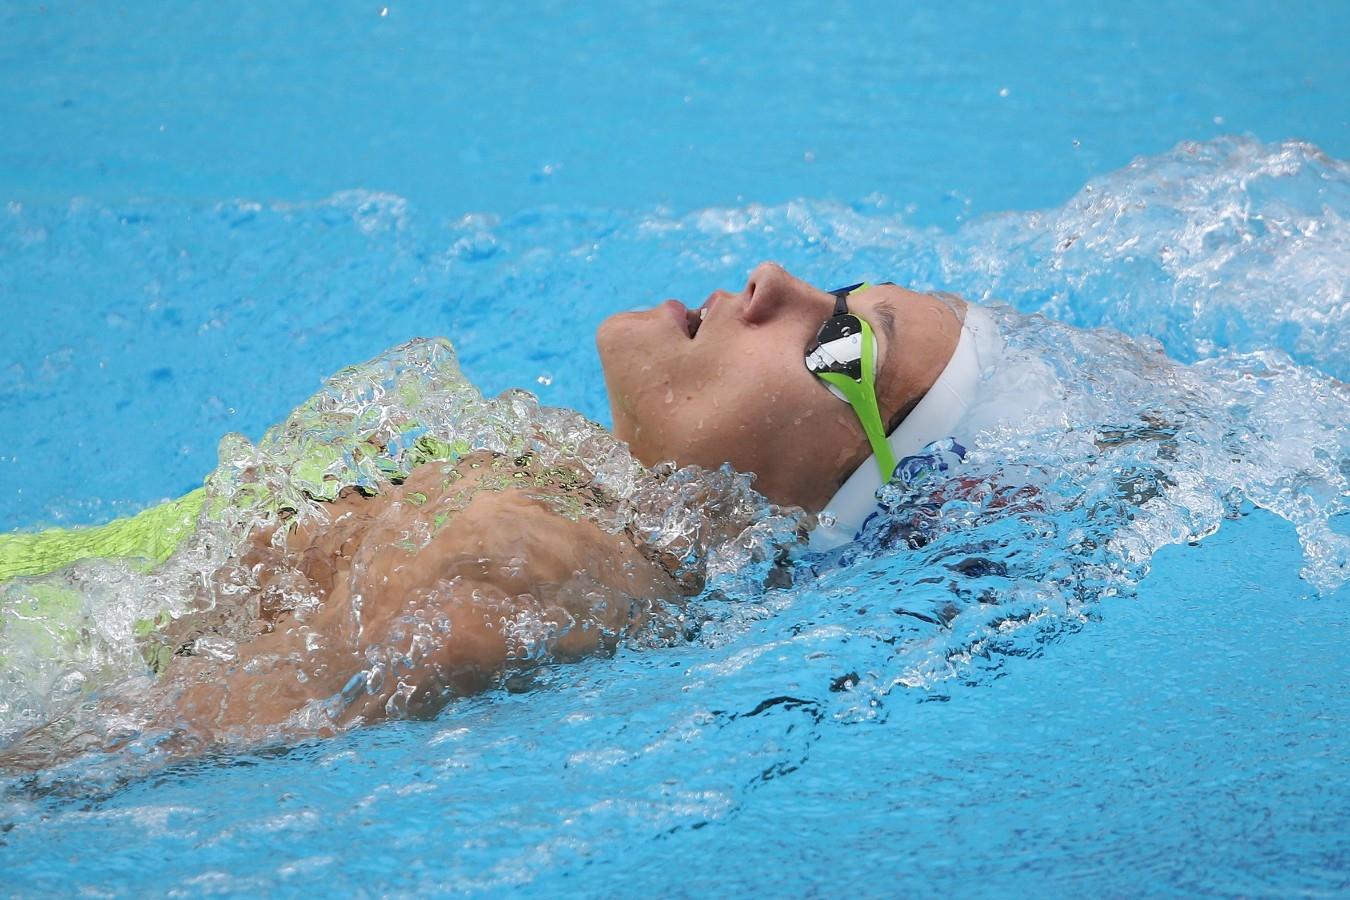 Andrea Berrino. Trofeu Maria Lenk. Parque Aquatico Maria Lenk. 05 de Maio de 2017, Rio de Janeiro, RJ, Brasil. Foto: Satiro Sodré/SSPress/CBDA